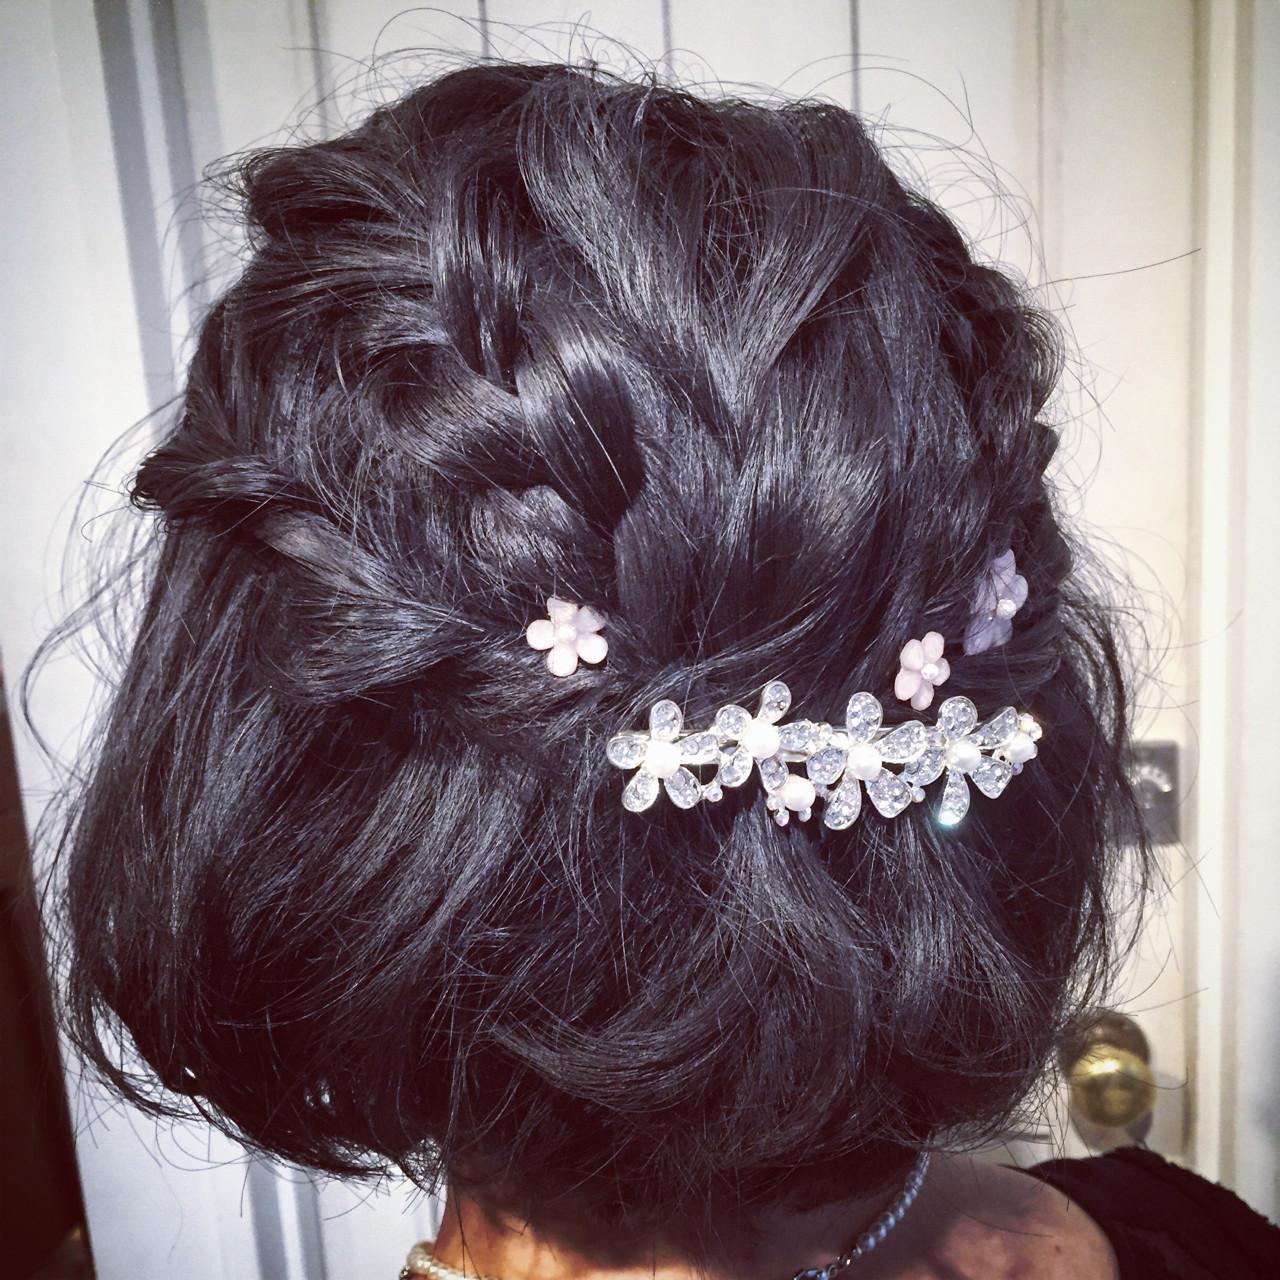 小さな花が集まったような可愛らしいデザインのバレッタをつけると、ぐっと可愛らしい仕上がりに。黒髪に白の花がよく映えますよ。